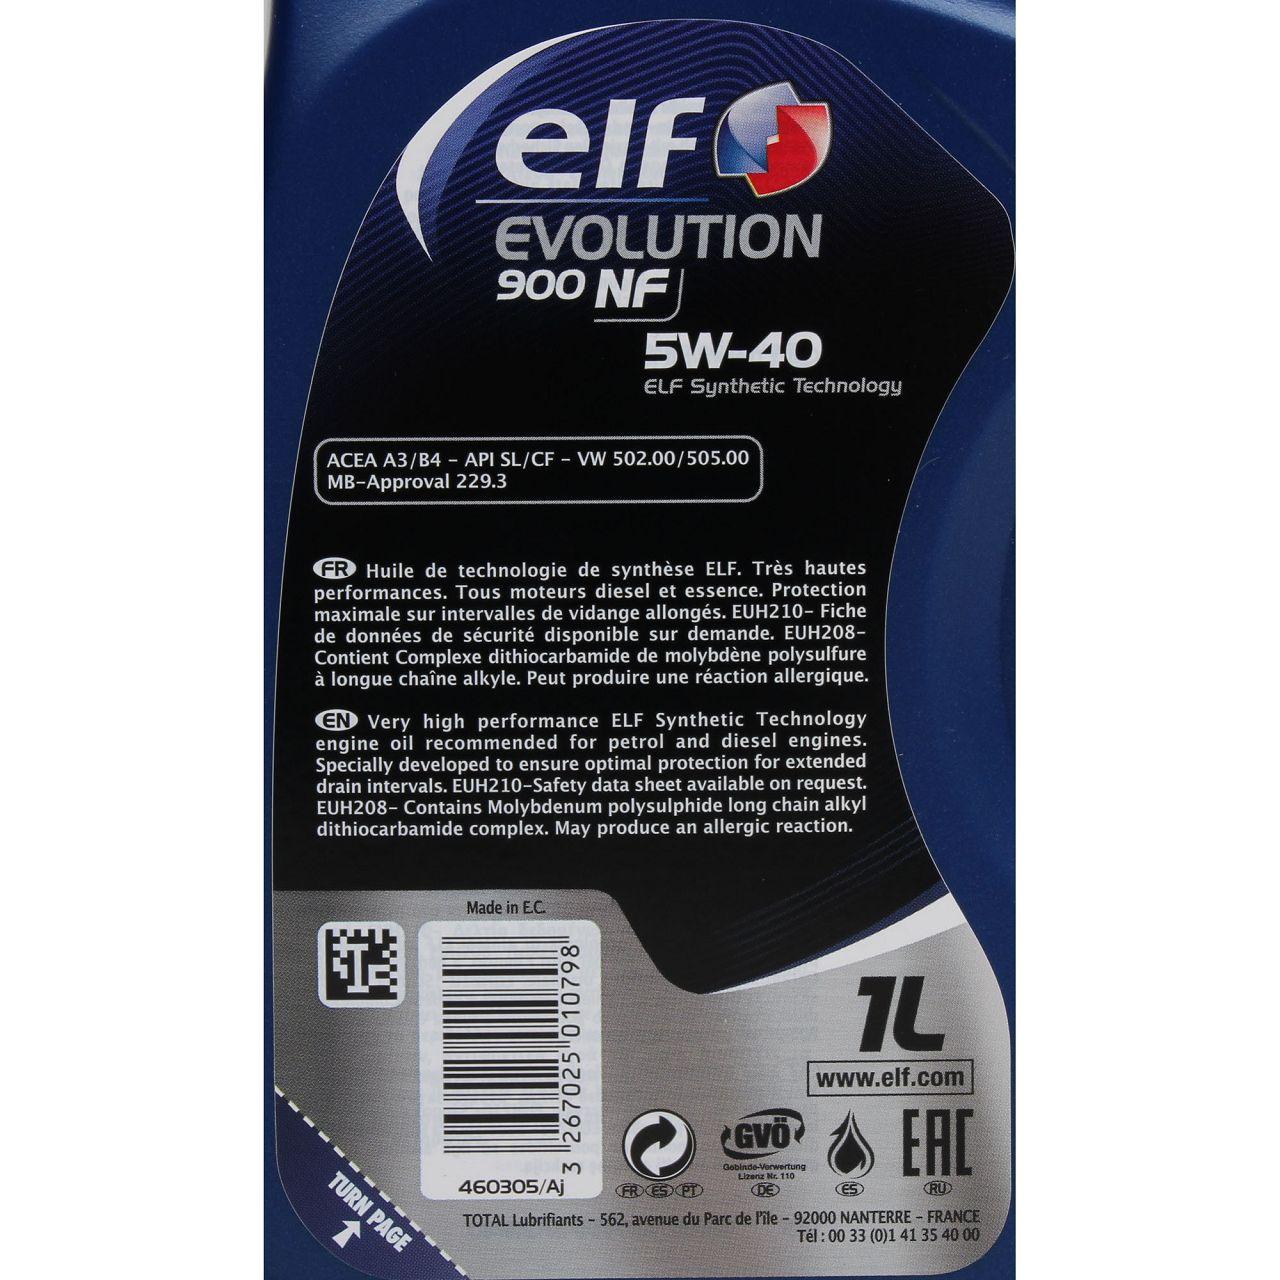 elf Evolution 900 NF 5W-40 Motoröl VW 502.00/505.00 MERCEDES 229.3 - 1L 1 Liter